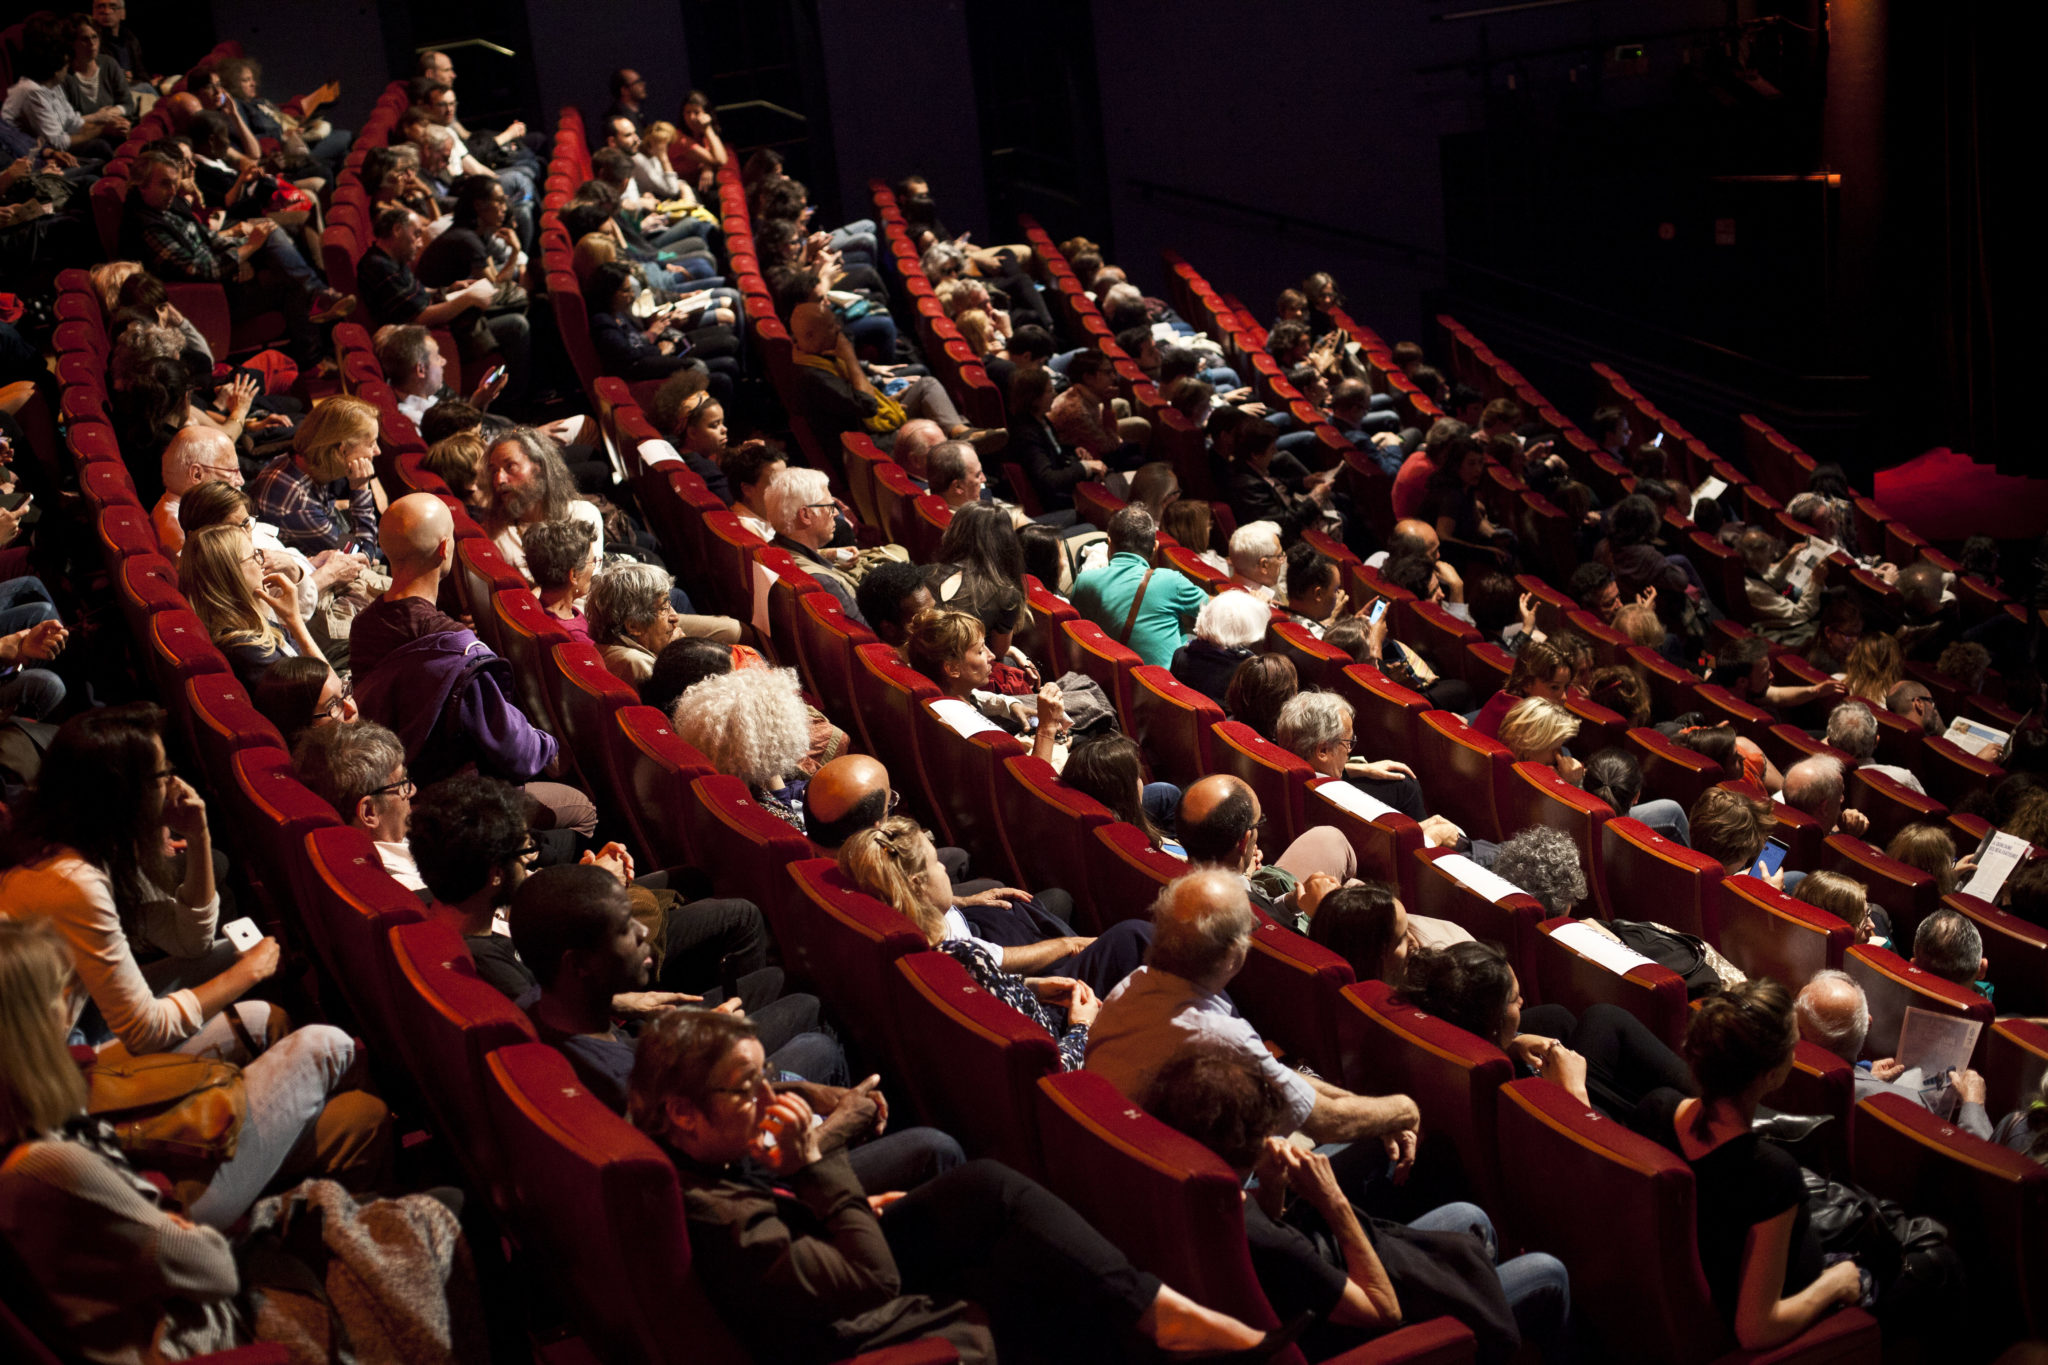 """Rencontre avec Claire Denis, realisatrice du film """"Un beau soleil intérieur"""". Forum des Images, Quinzaine des réalisateurs. Paris, France. Le 07/08/2017"""